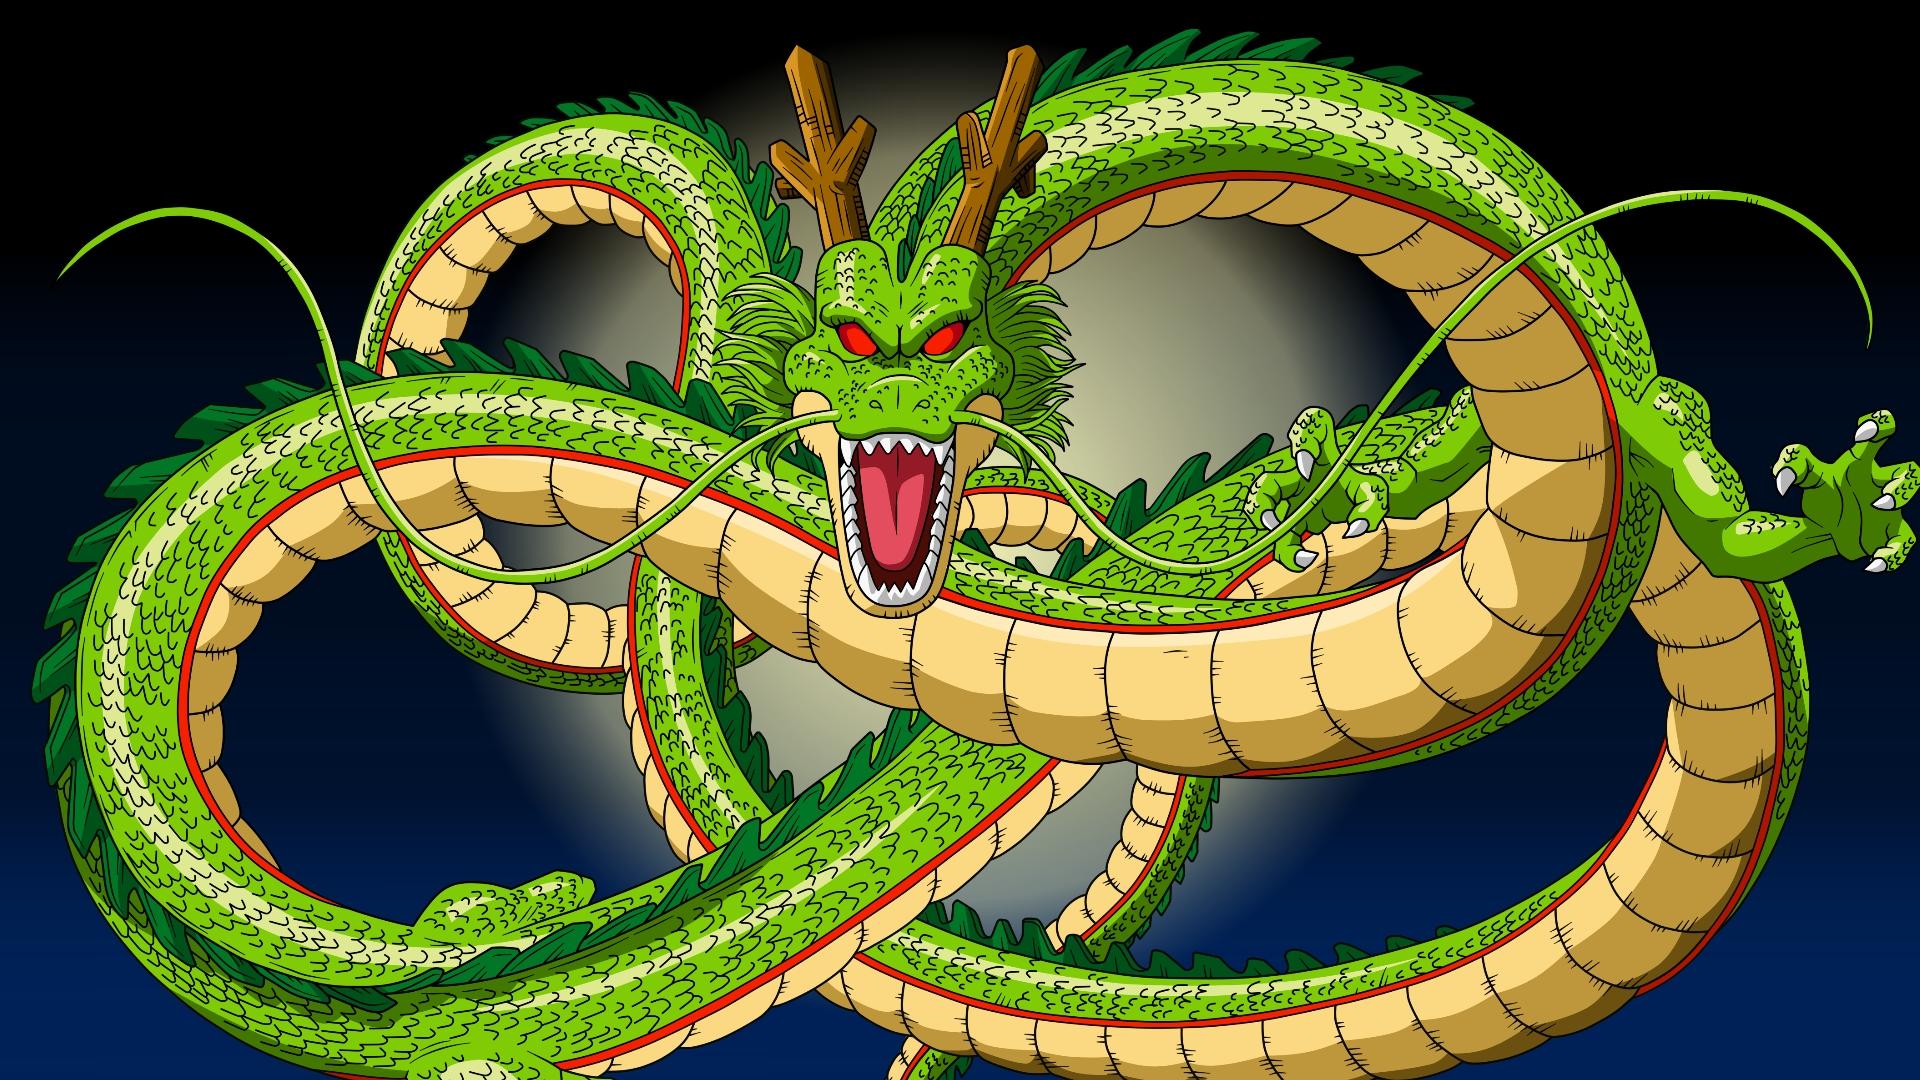 dragon ball z 7 dragon balls shenron wallpaper